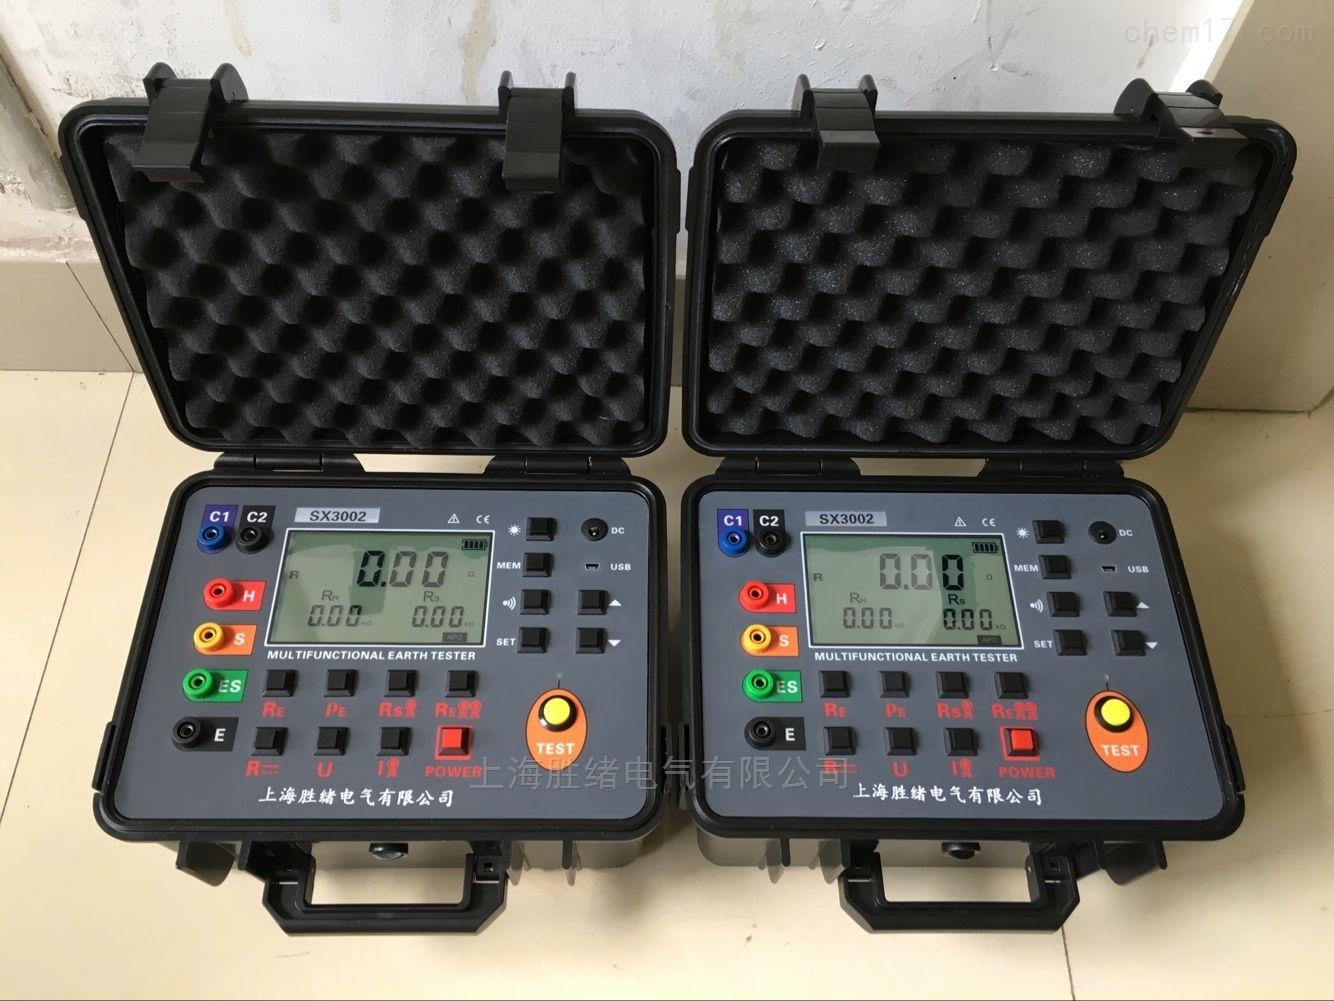 防雷接地电阻测试仪,防雷检测仪器设备